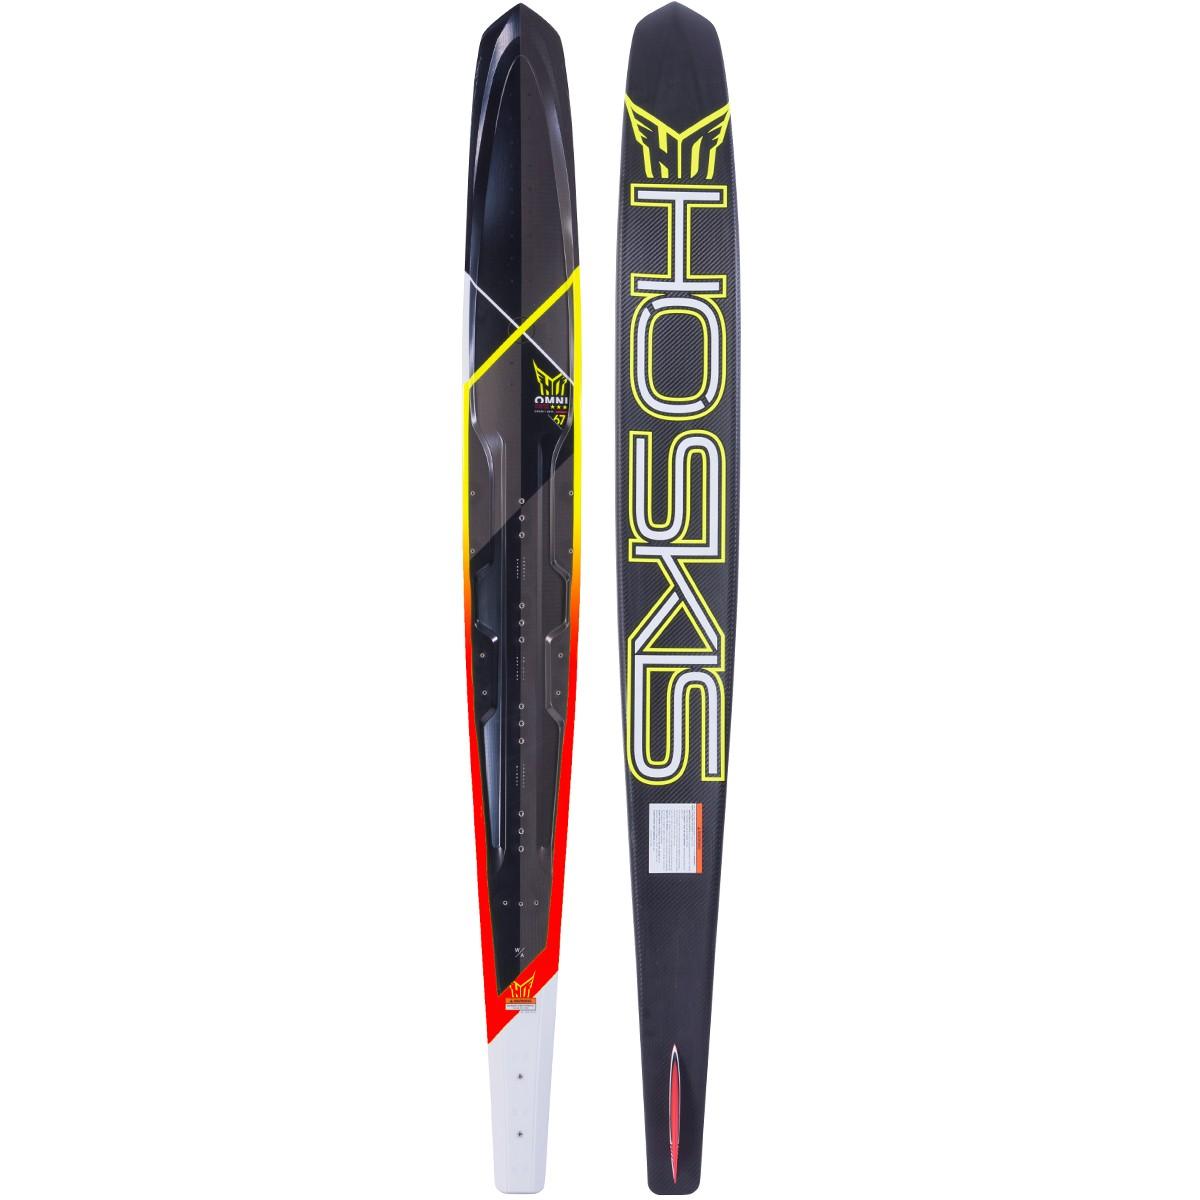 Ho 2018 Omni Slalom Ski Bwf 67 Wake Hyper Ride